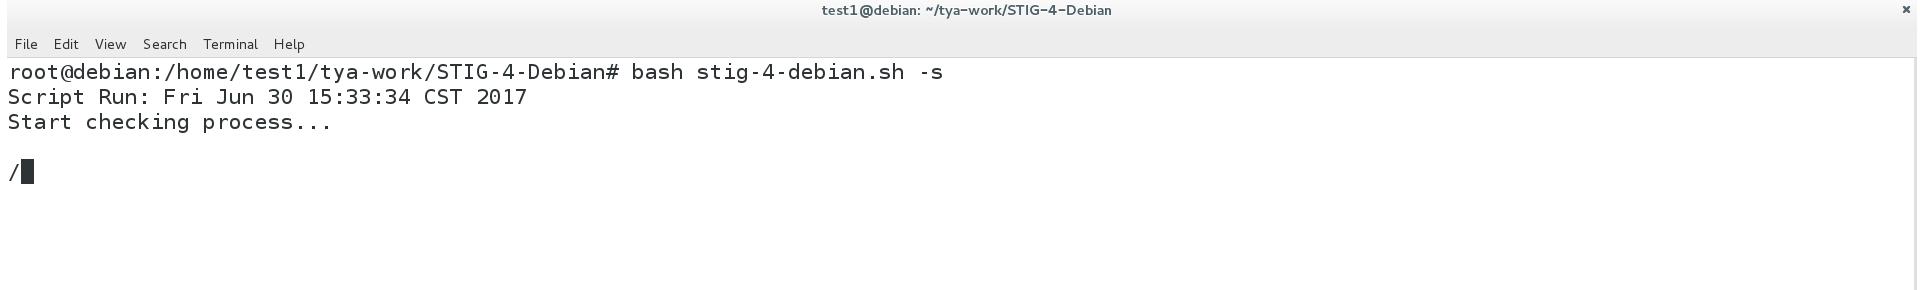 stig-4-debian-run-gnome